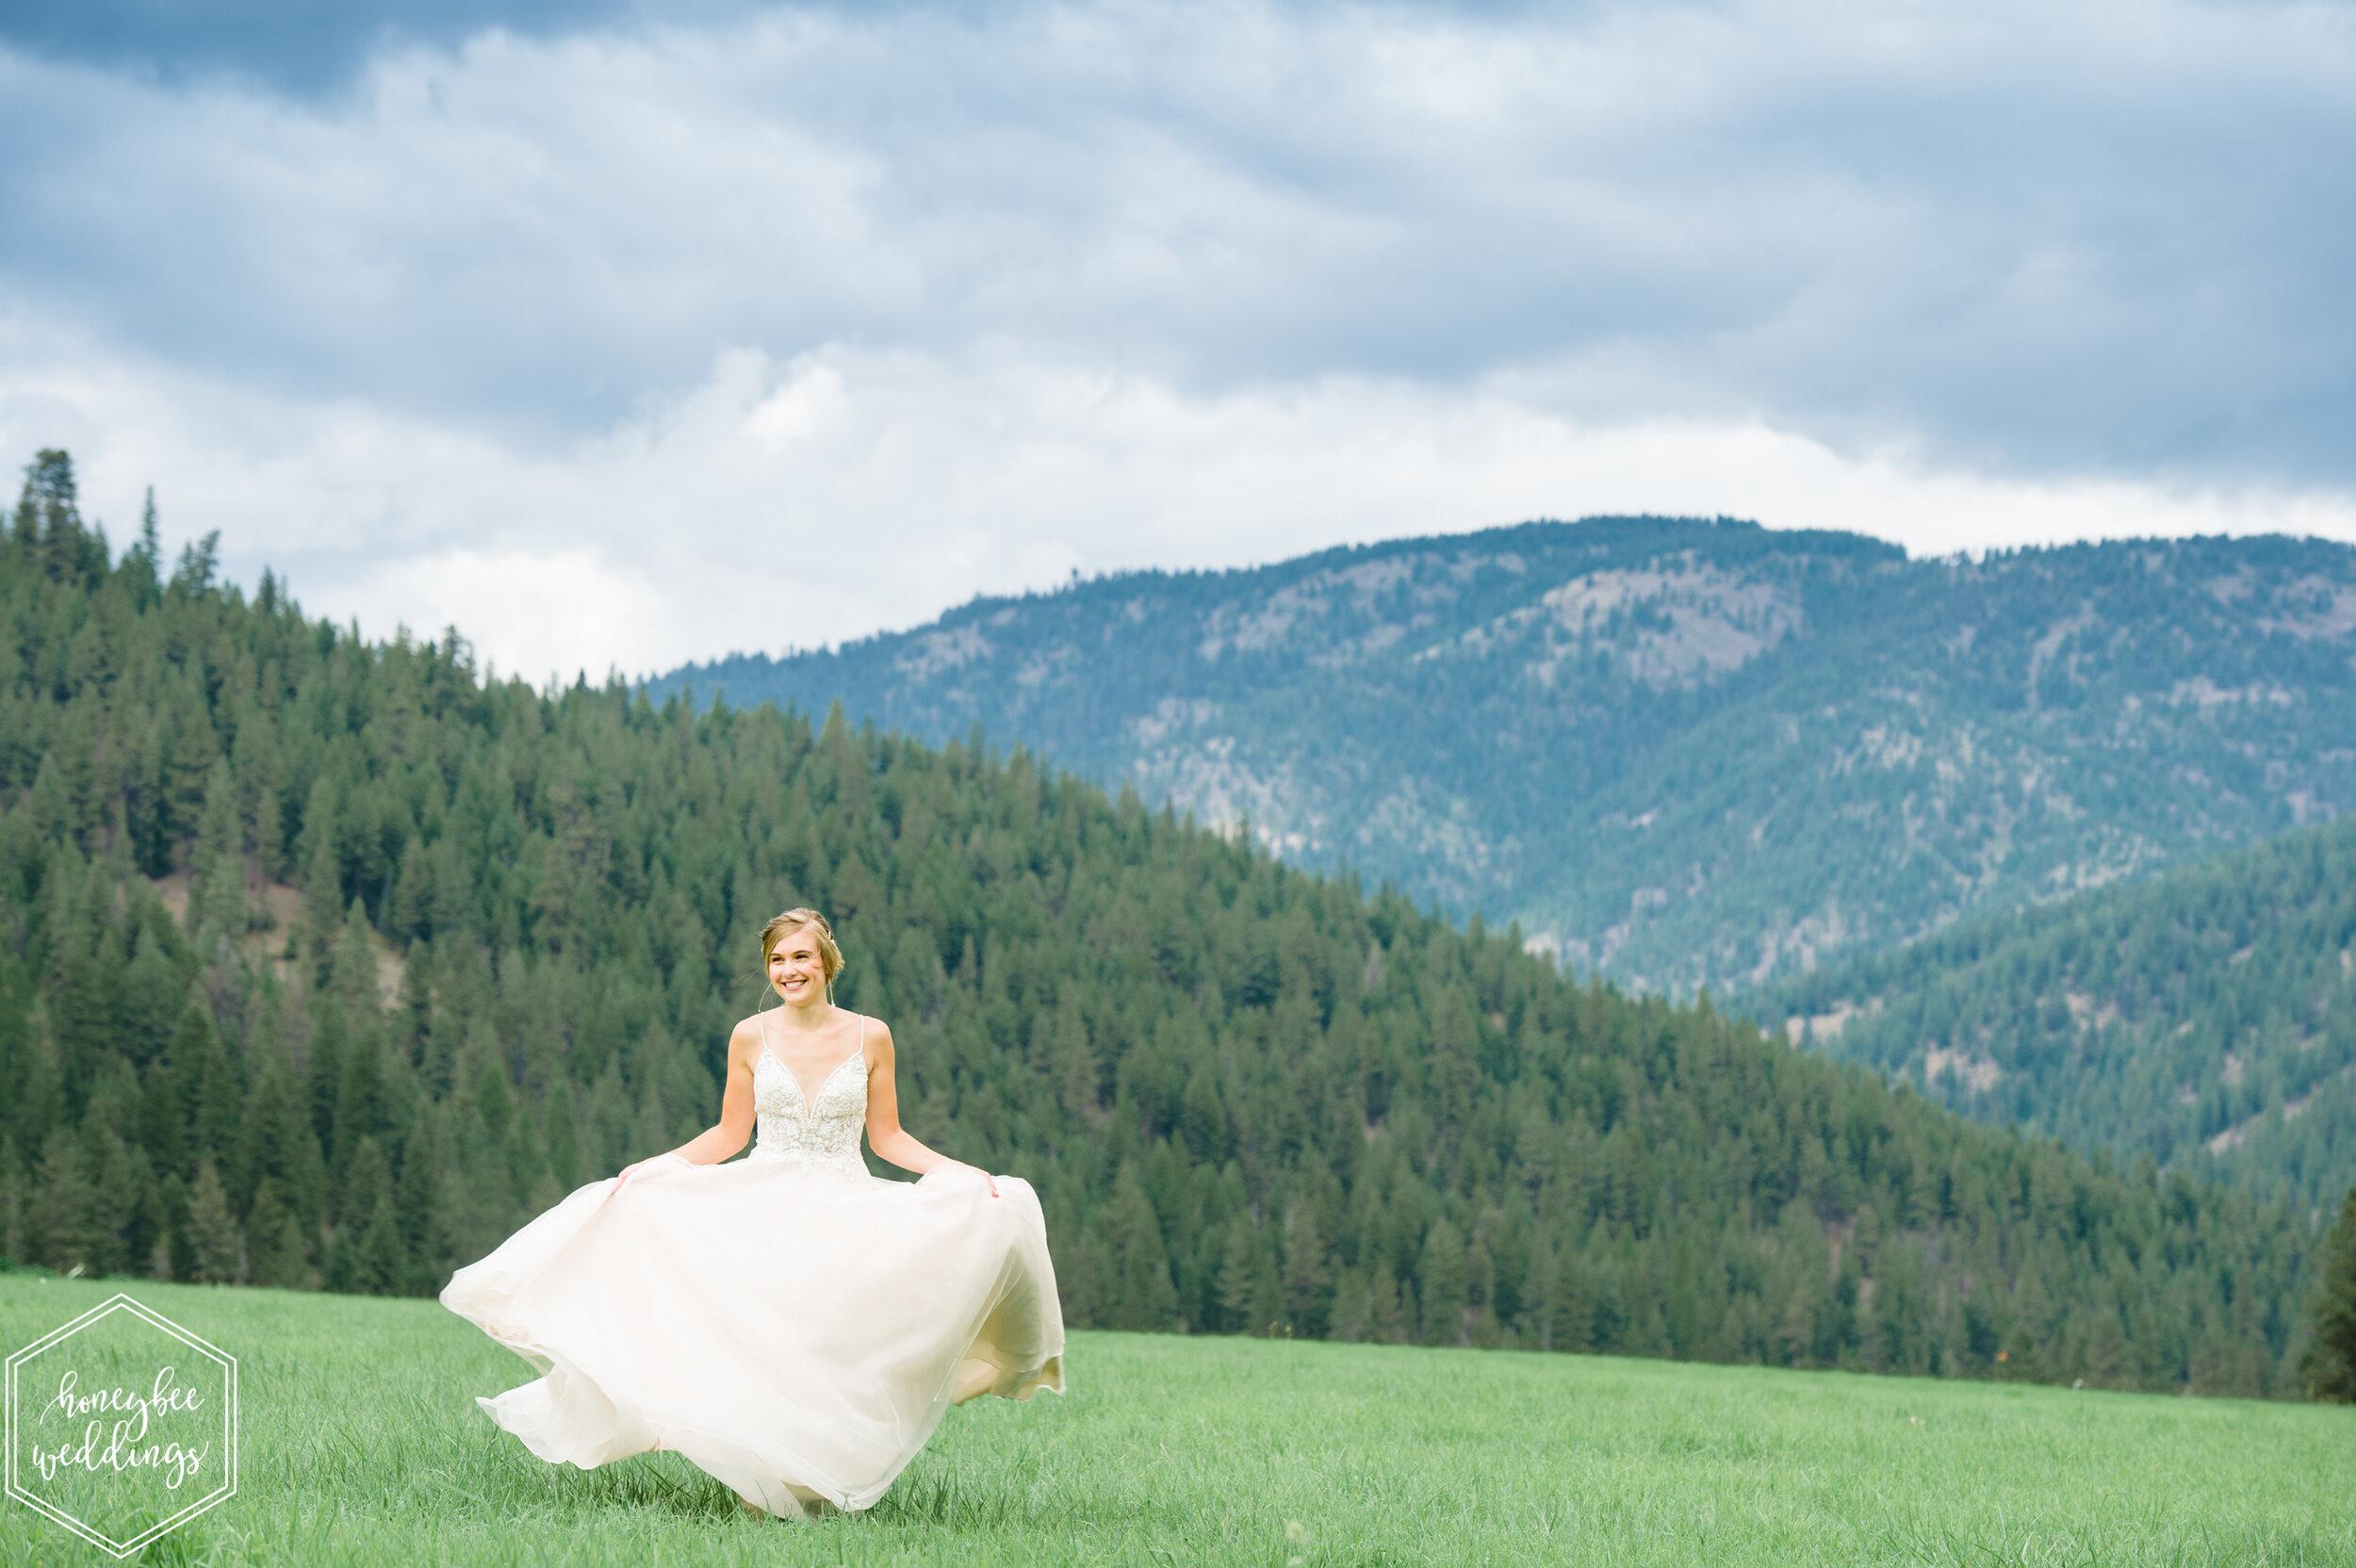 022Seven Mile Meadows Wedding_Montana Wedding Photographer_Jamie & Wes_Honeybee Weddings_September 07, 2019-104.jpg